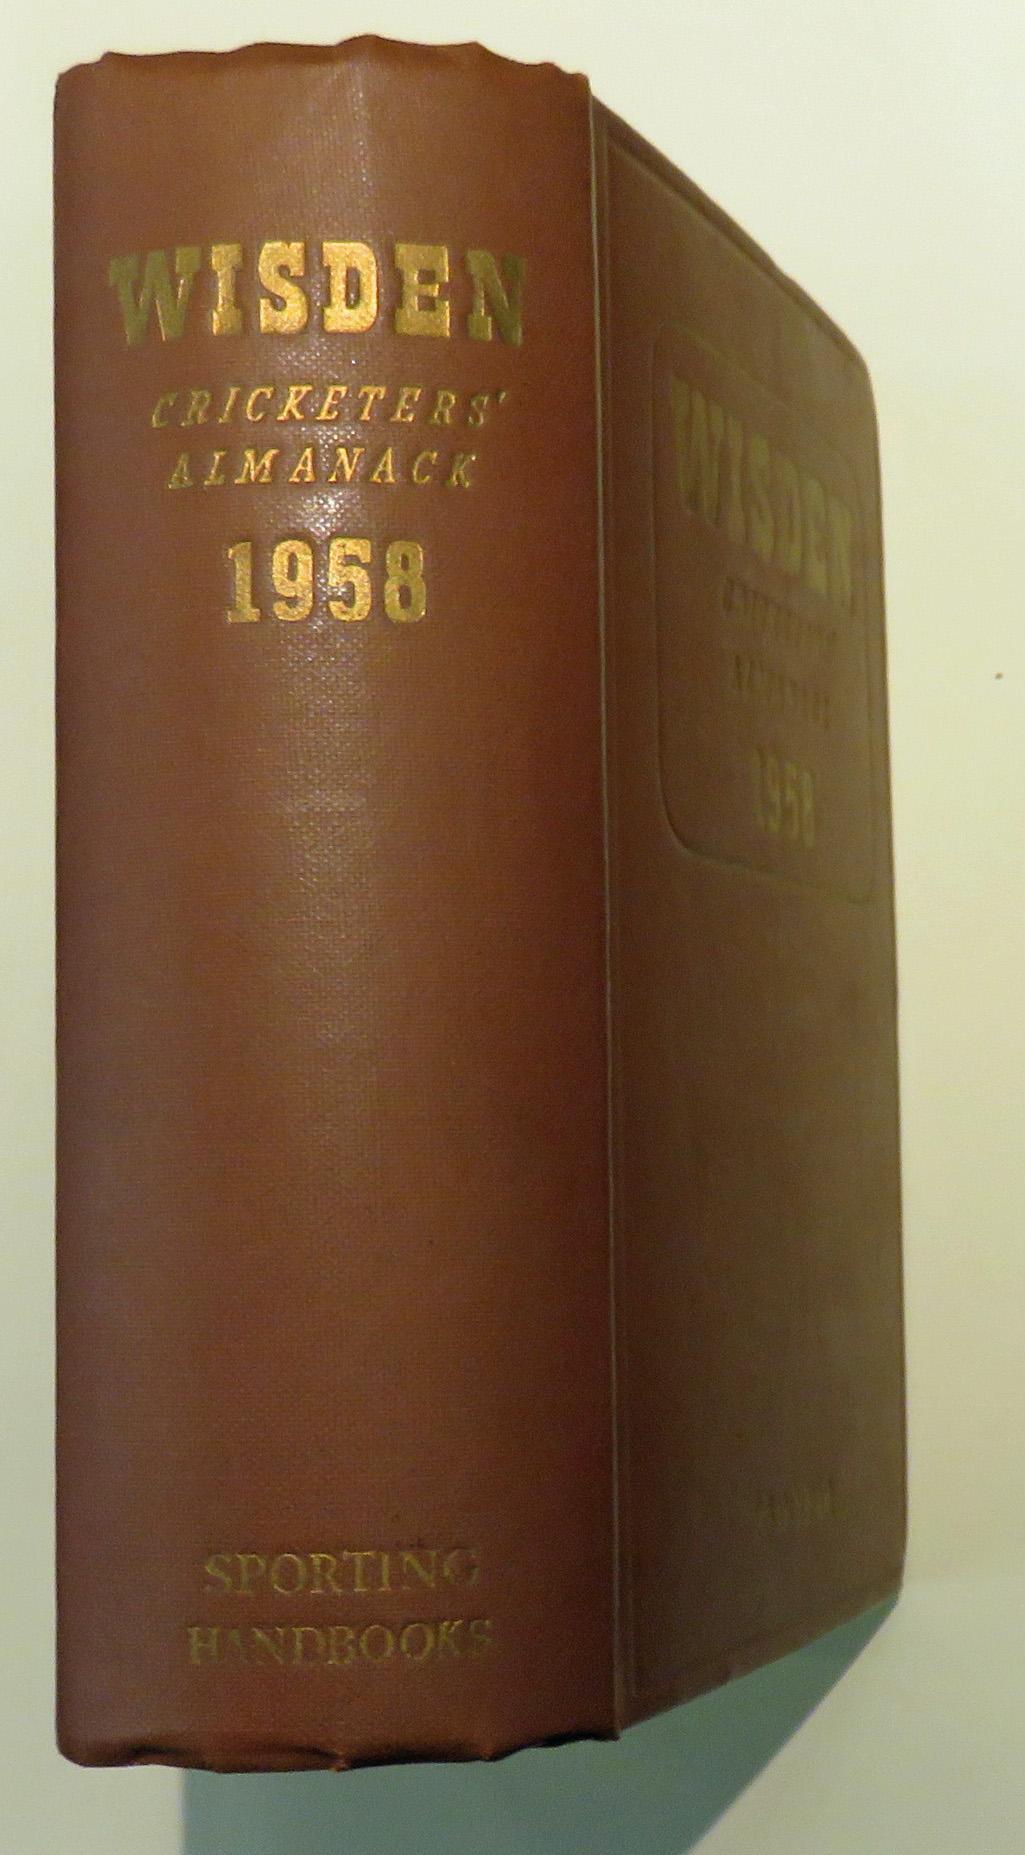 Wisden Cricketers' Almanack 1958